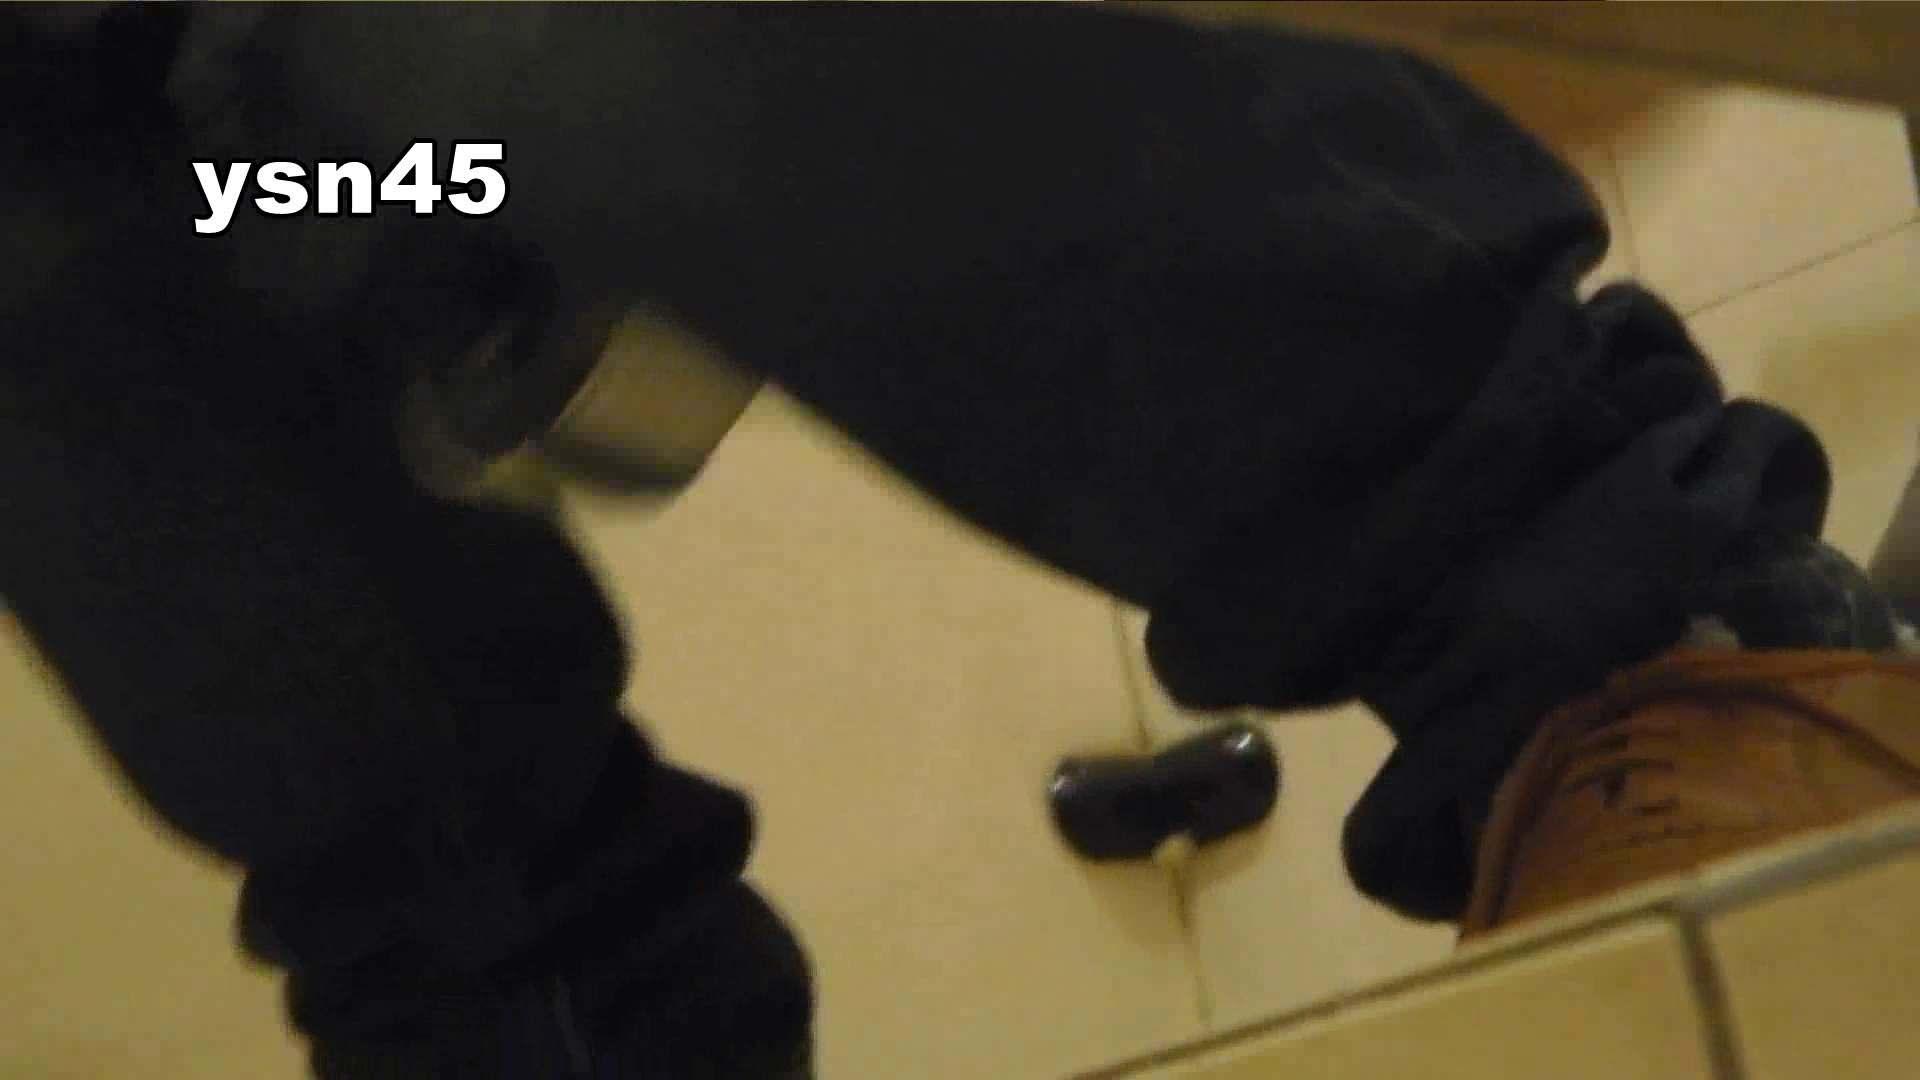 世界の射窓から vol.45 尻出しスマホ OLのボディ | 洗面所  87PIX 3